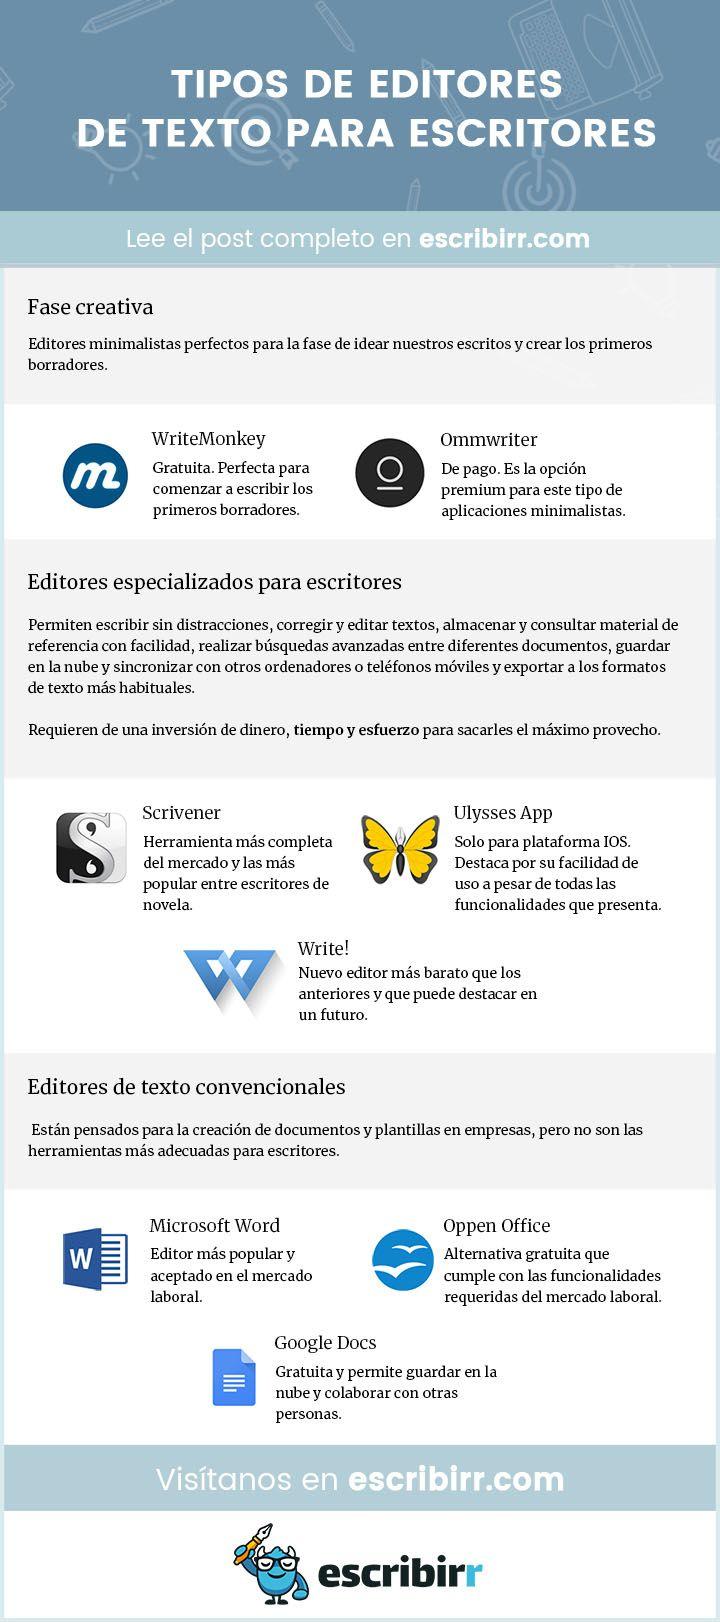 Guía completa para elegir el mejor editor de texto para escritores